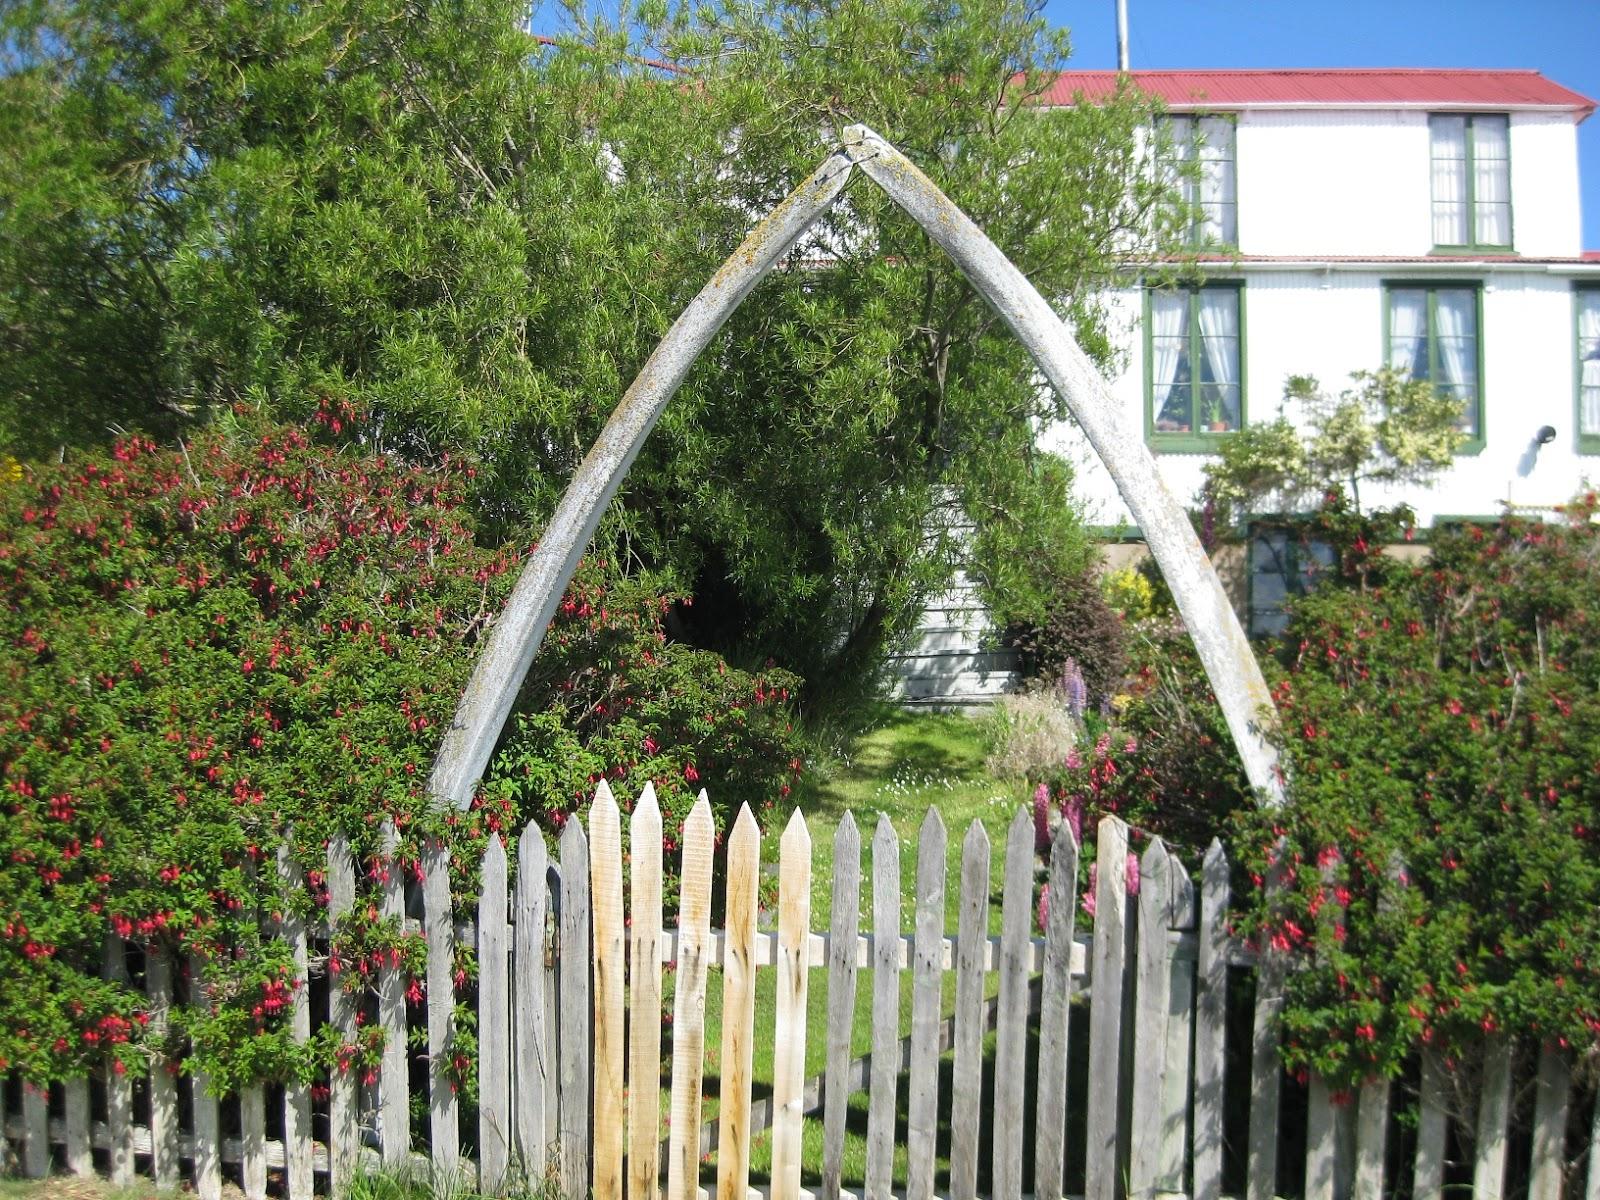 I want whalebones over my gate